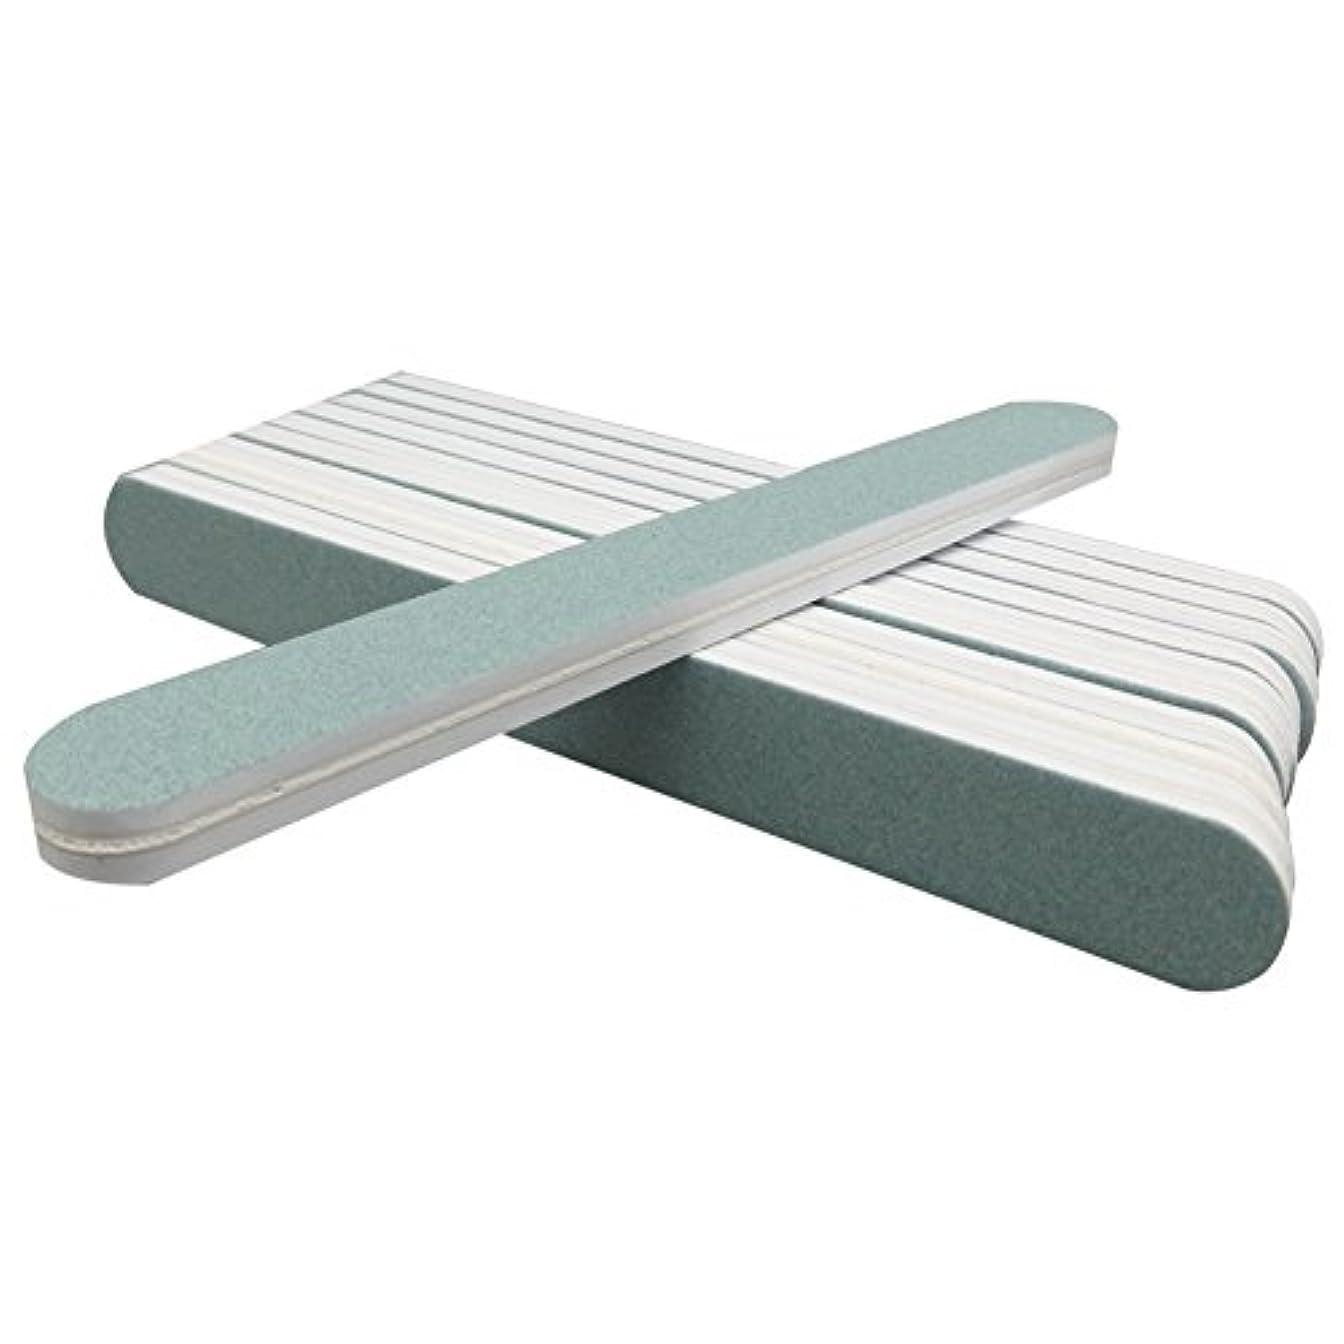 増幅するスイング長老2way ネイル シャイナー 爪磨き セット お手入れ 滑らか 仕上げ